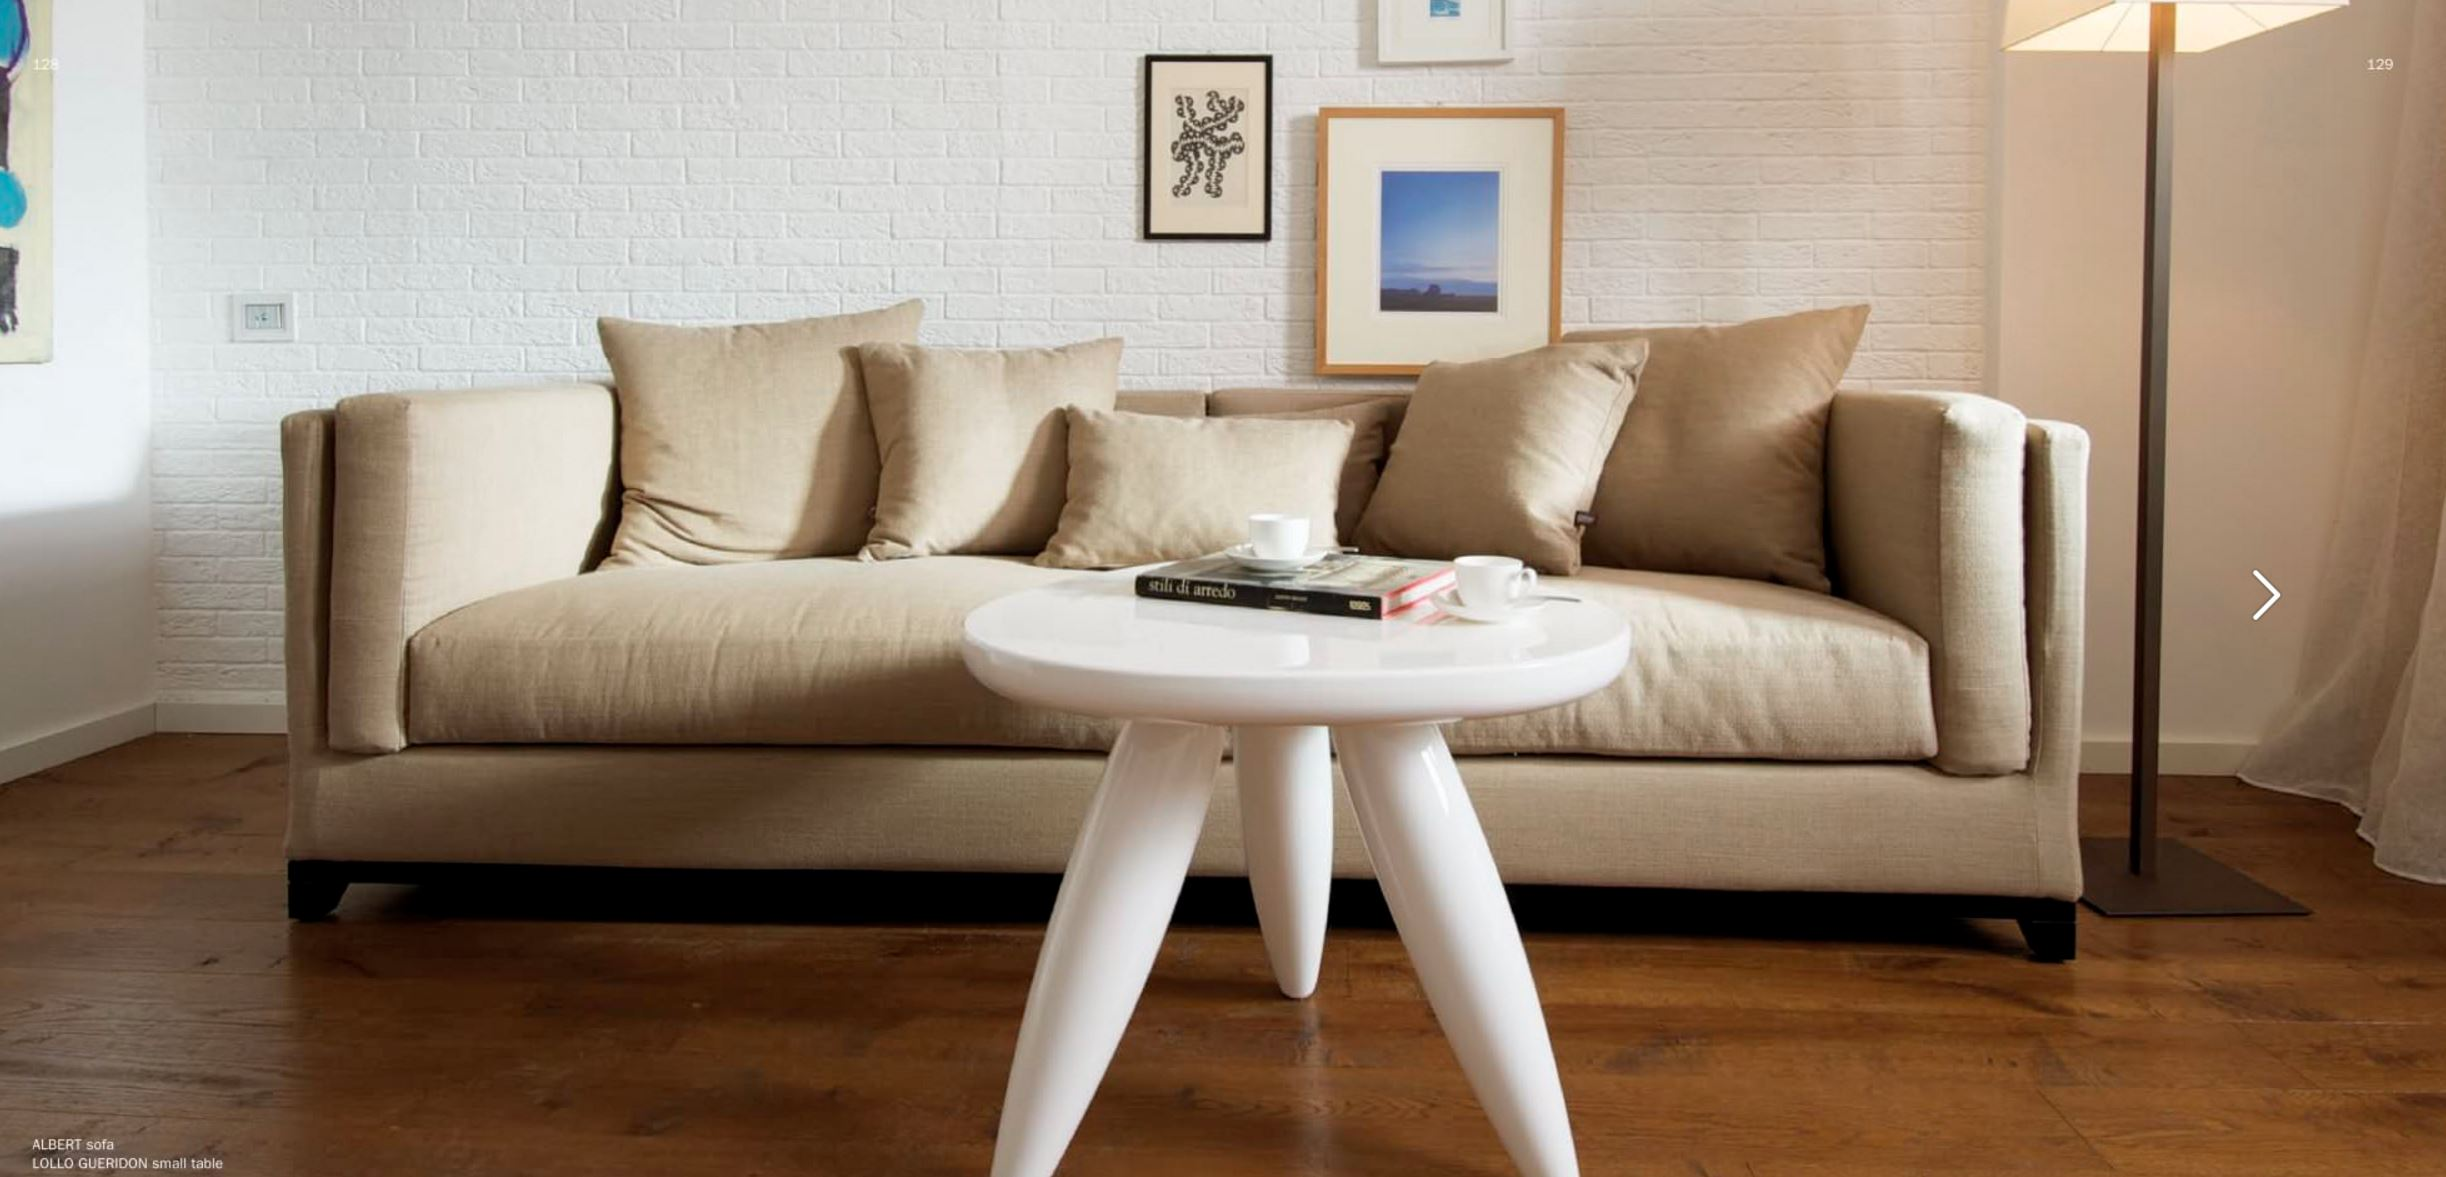 Living Room - Dom Edizioni 01.JPG